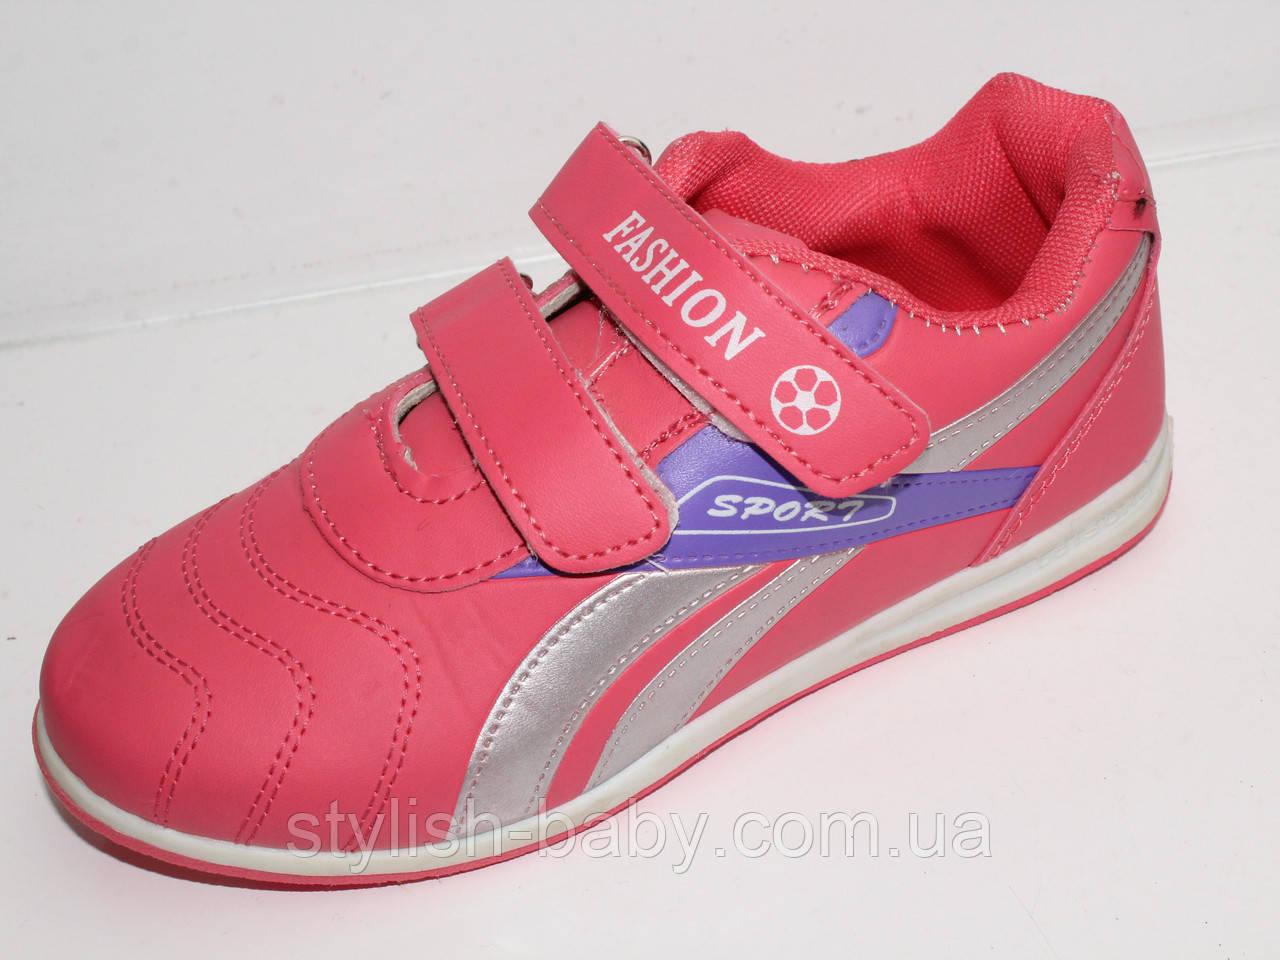 Детская спортивная обувь ТМ. Bluerama для девочек (разм. с 31 по 36)